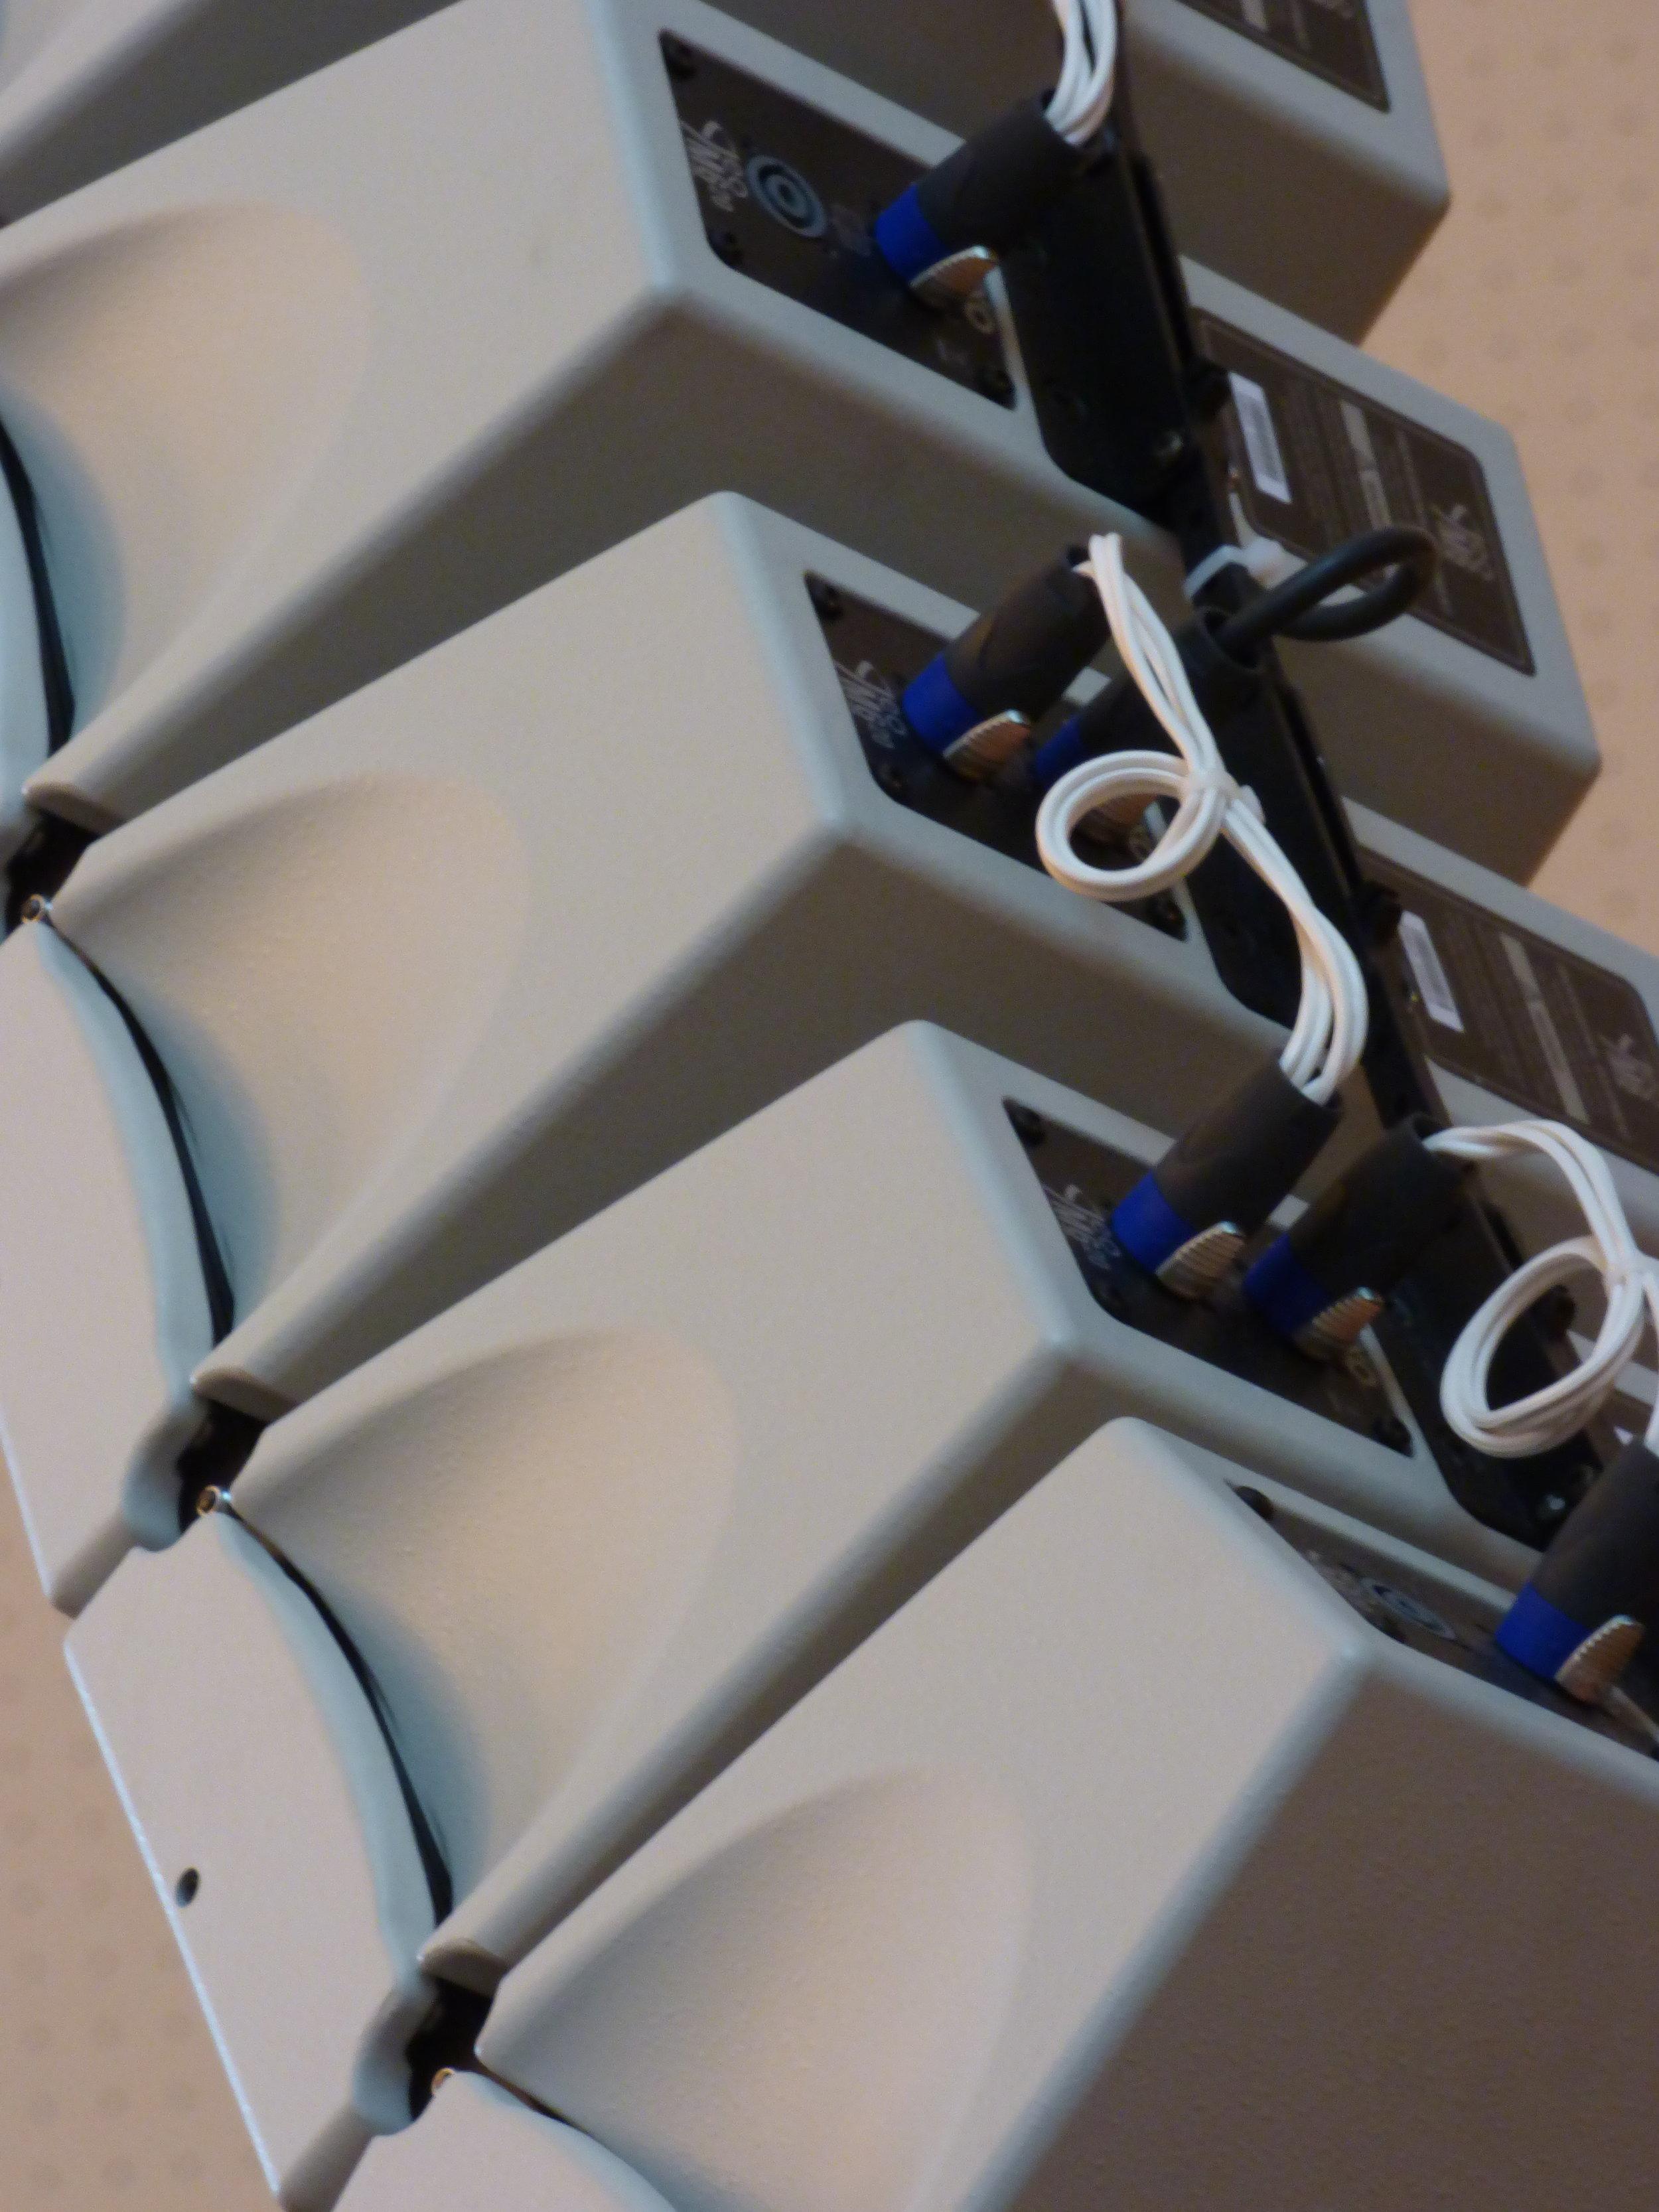 Systemet beskrivs som enkelt att arbeta med, och med mjukvara från tillverkaren som hjälper till med att ställa in systemet, gick det förhållandevis smidigt att utföra uppdraget för Björn och hans medarbetare.